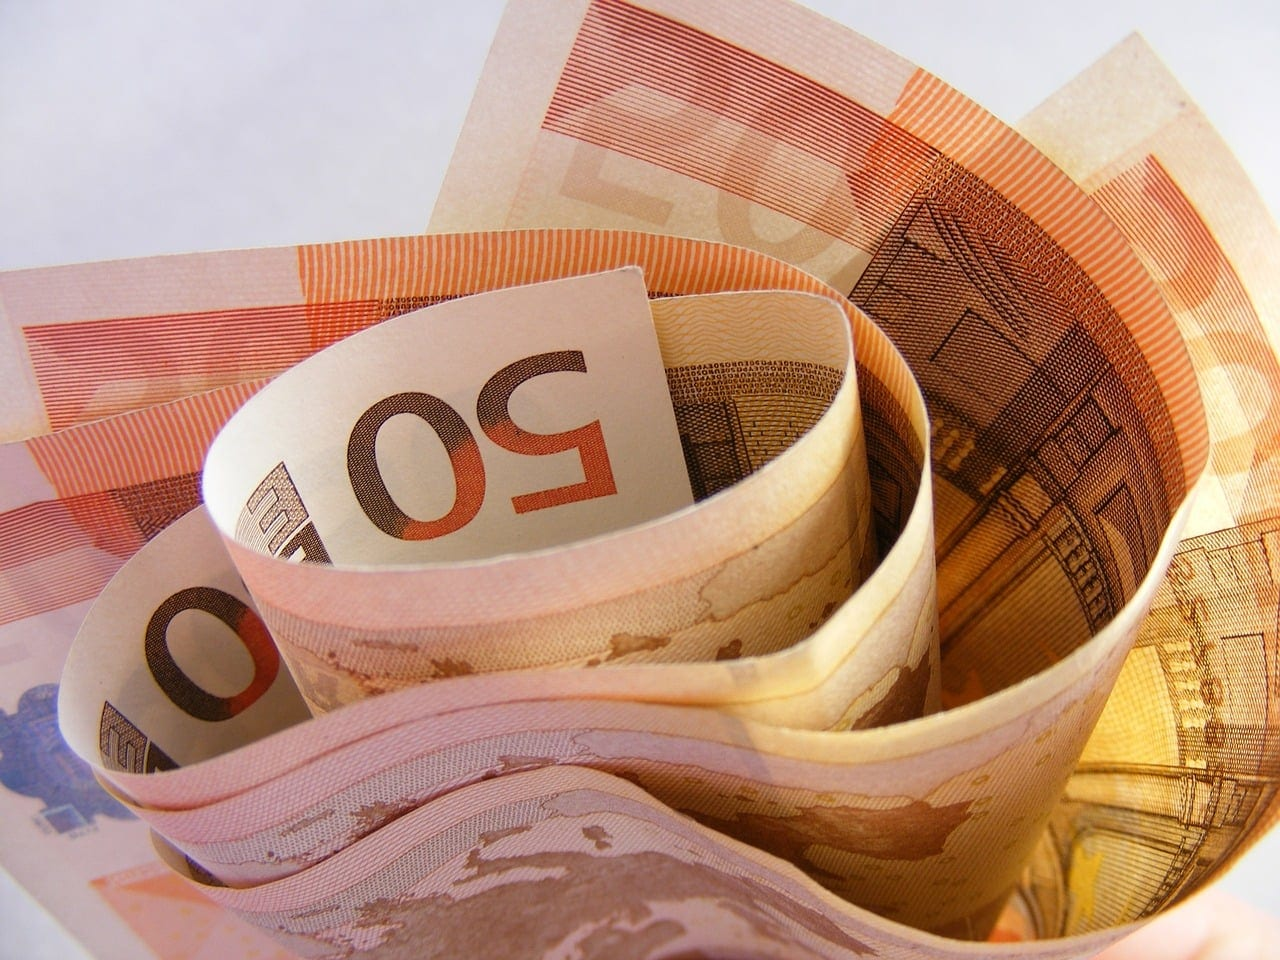 Επίδομα 400 ευρώ Επίδομα ανεργίας 2020 Δώρο Πάσχα - Επίδομα 600 ευρώ